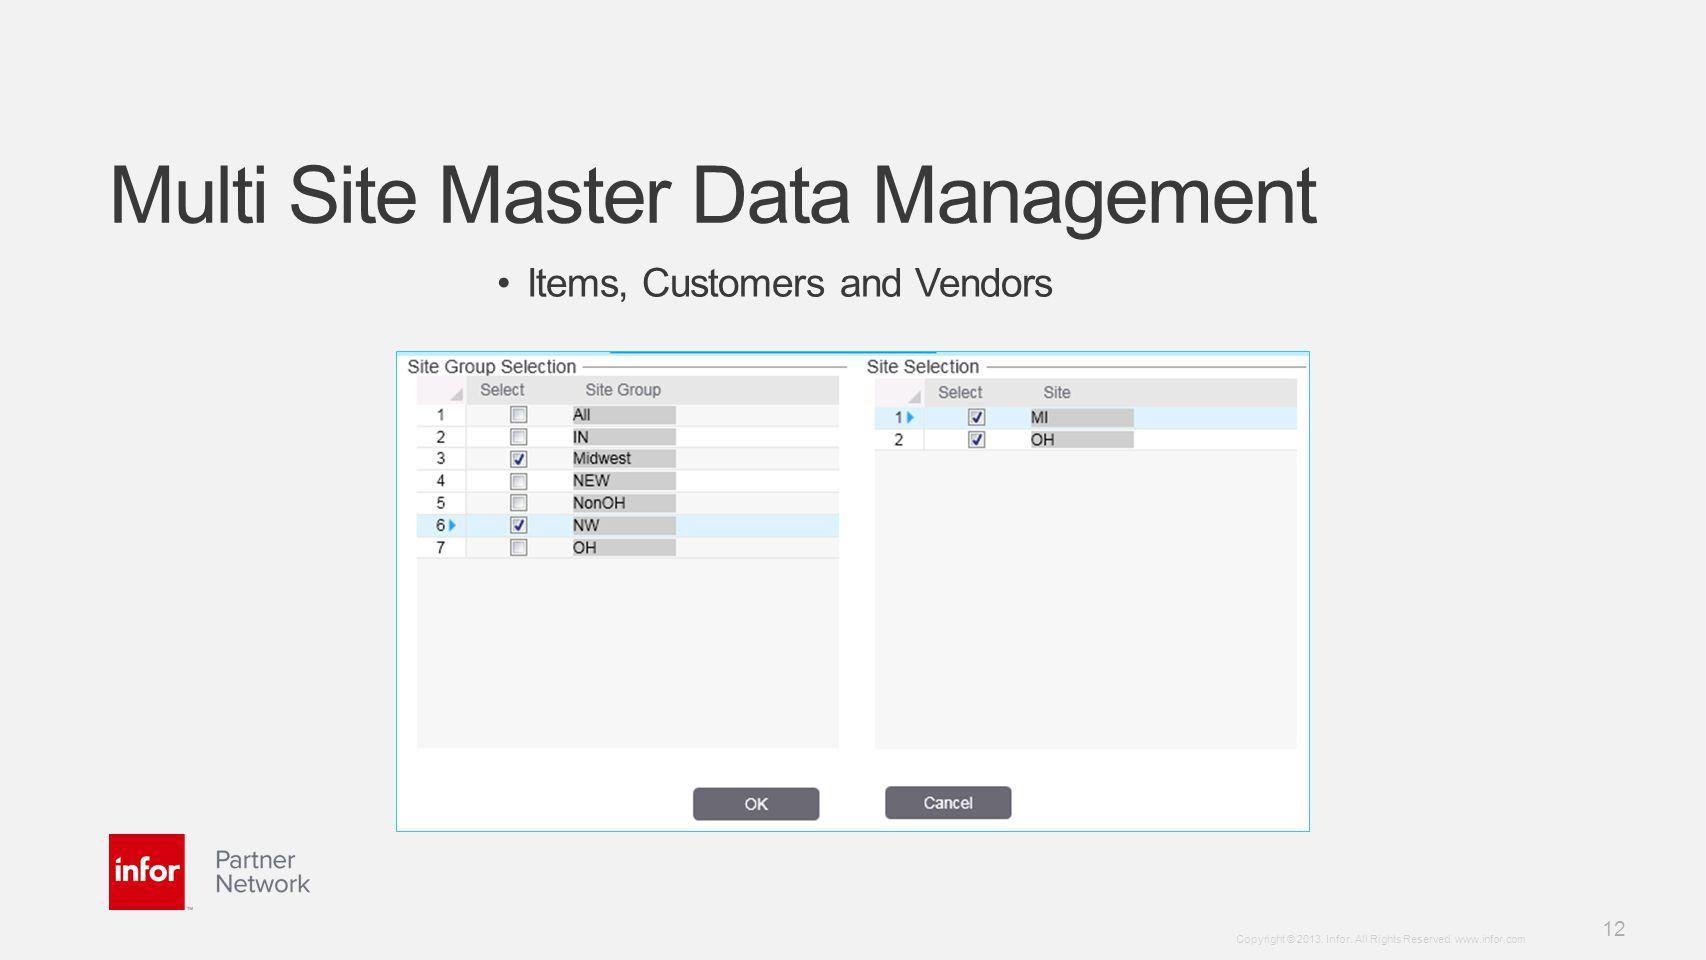 Multi Site Master Data Management